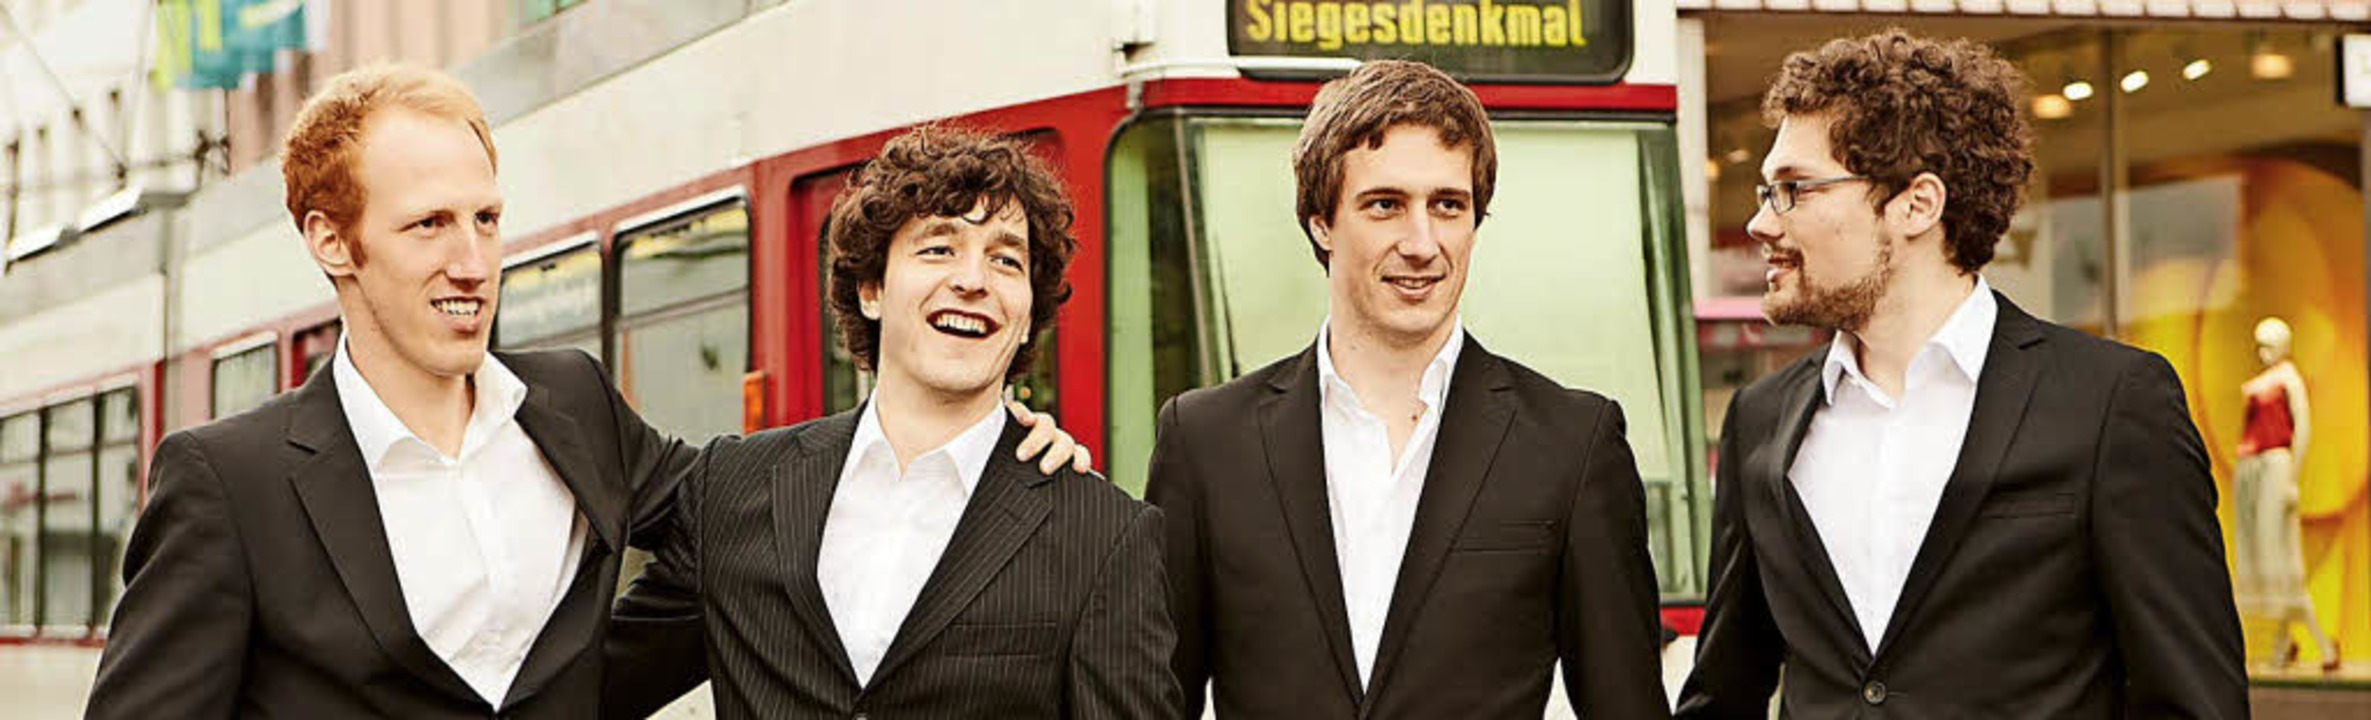 Das Herrengedeck. Von links: Johannes ...ützer, Sebastian Lau, Adrian Goldner    | Foto: Pro